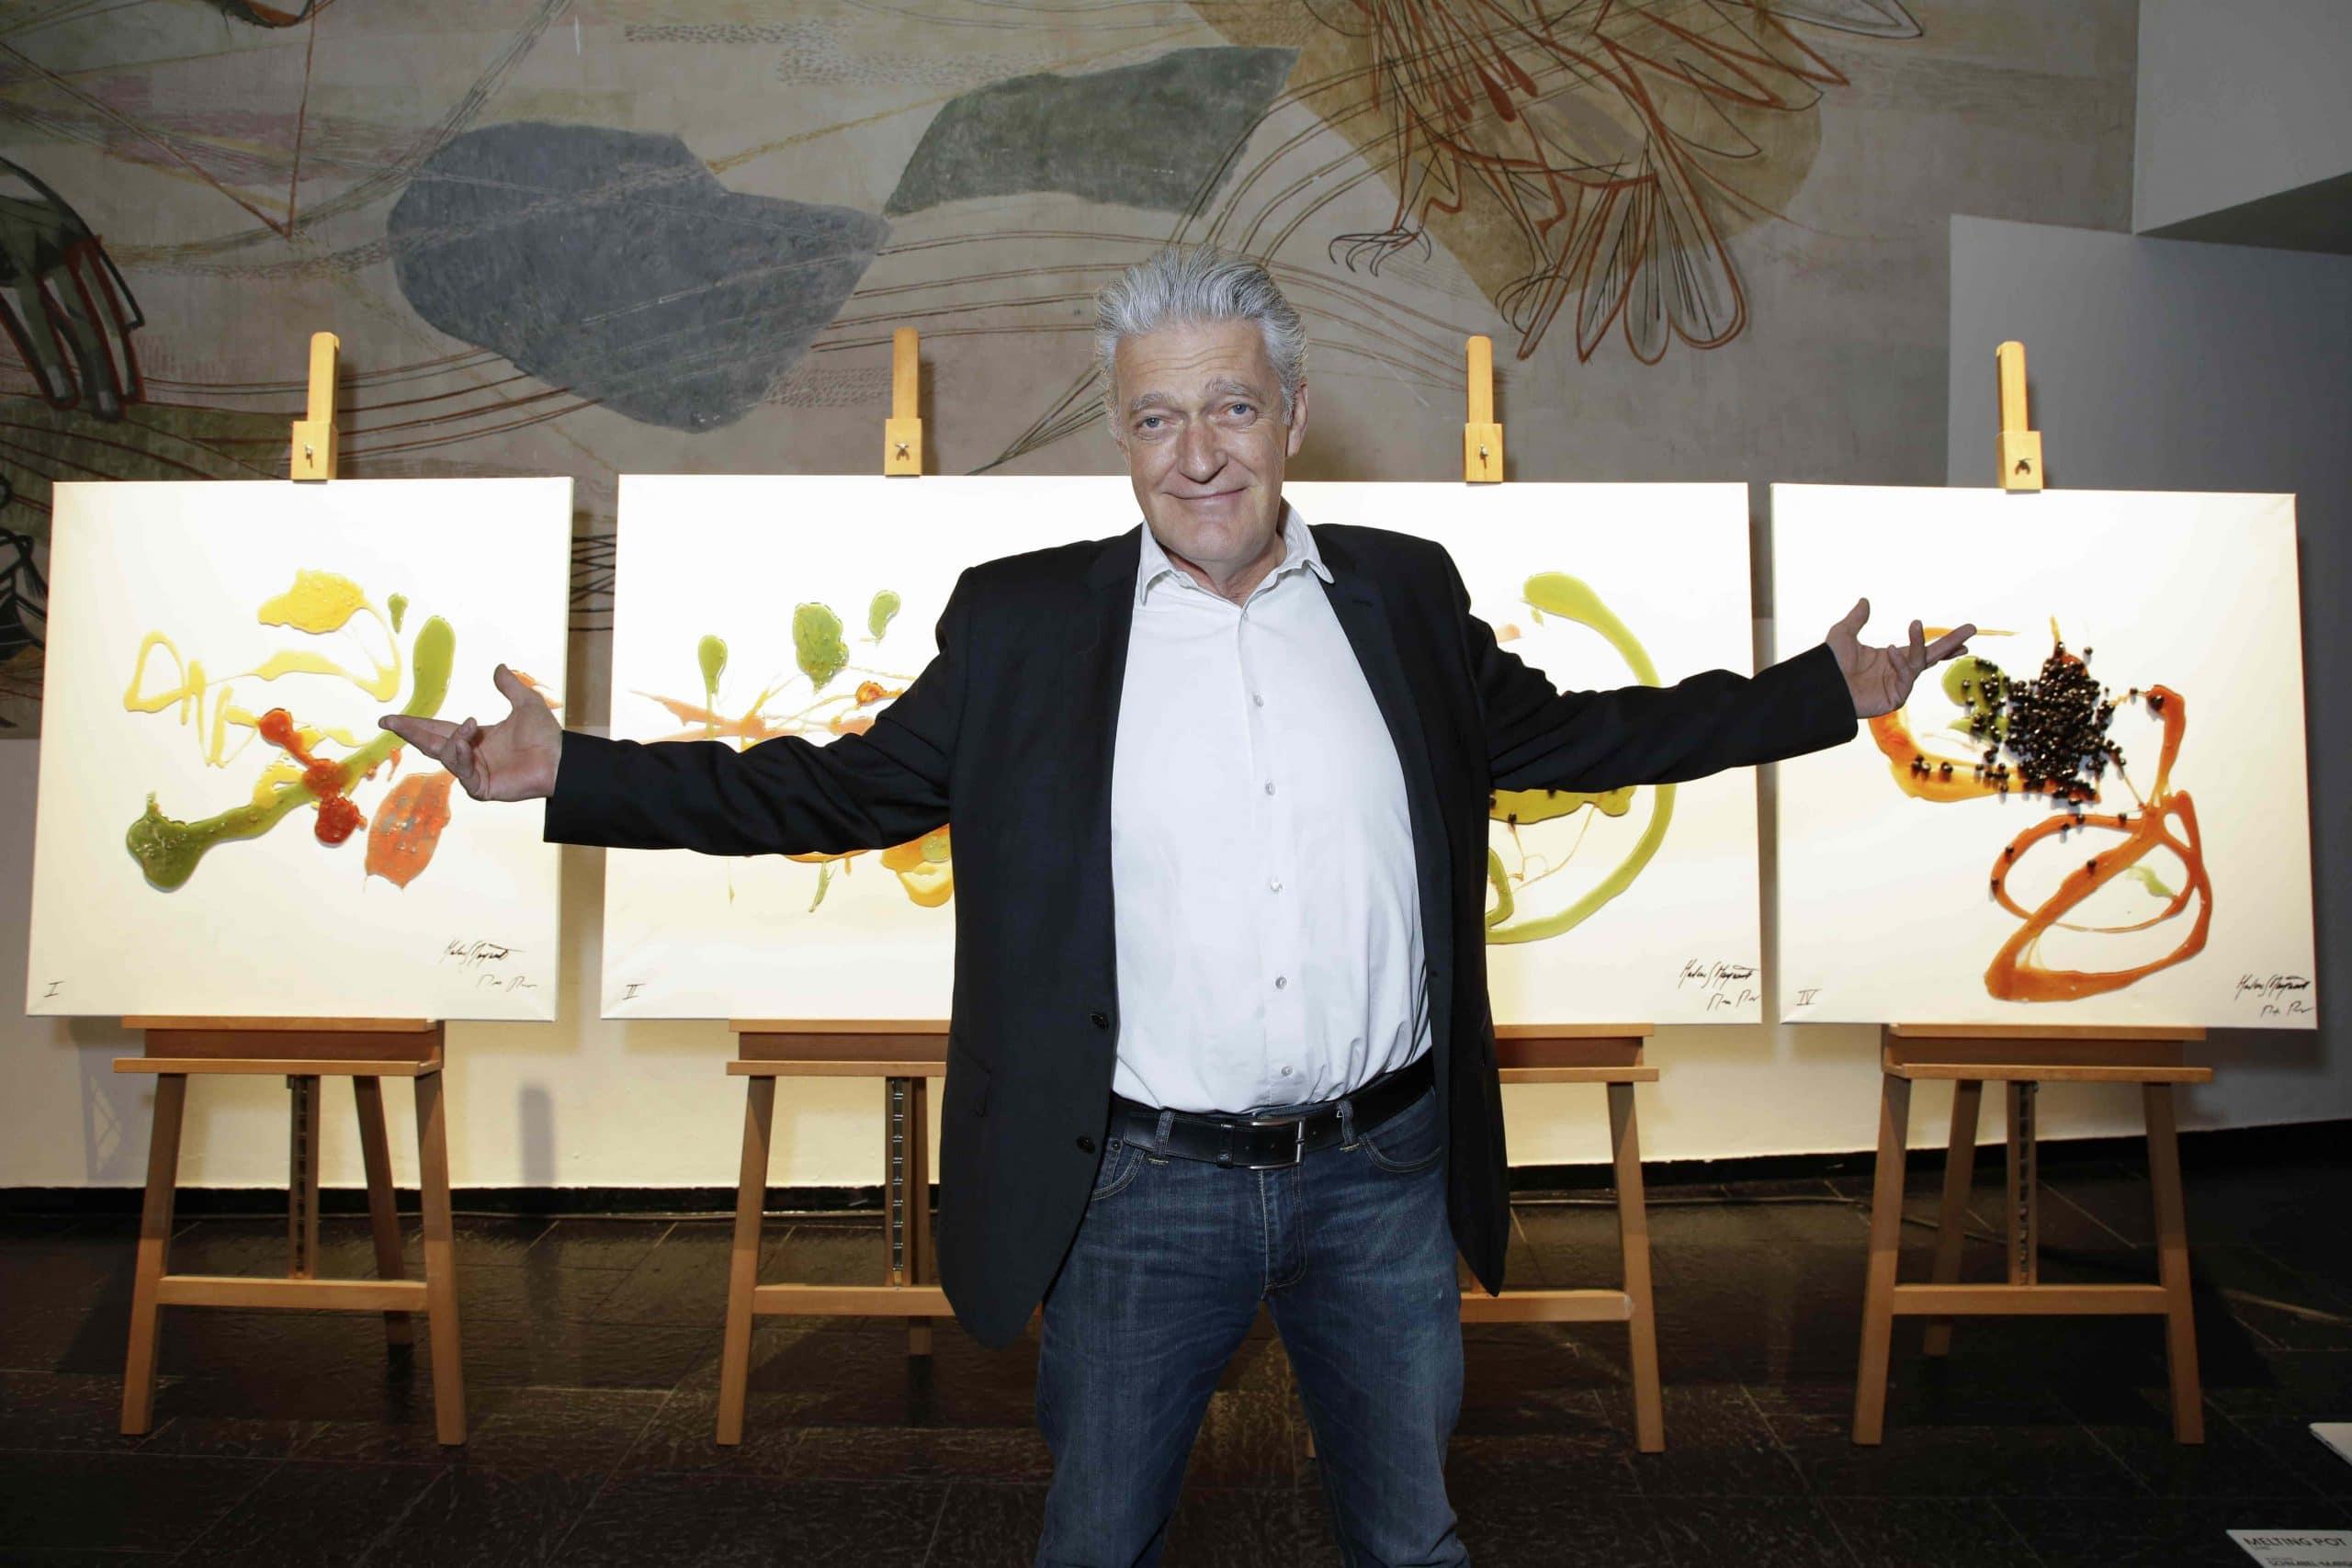 Max Moor vor seinem Kunstwerk MIX UP ART Vernissage von Sky Arts ( Künstler und Promis stellen ihre gemeinsamen Kunstwerke aus.Online Auktion ab sofort unter www.sky.de/mixupart für einen guten Zweck.) in der alten Kongresshalle in München am 22.02.2018. Agency People Image (c) Viviane Simon